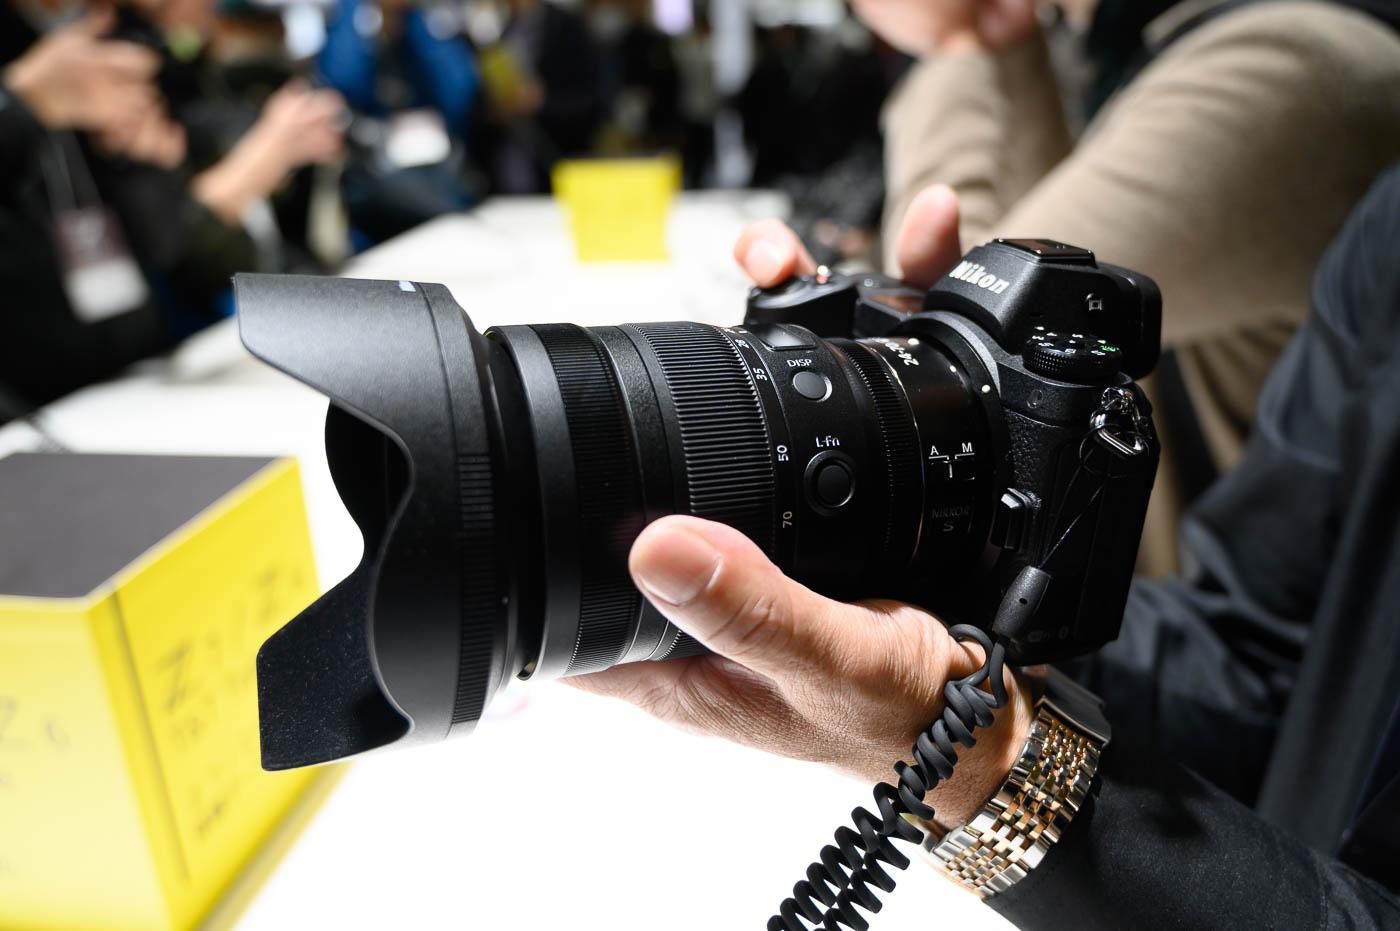 CP+ : Prise en main du Nikkor Z 24-70mm f/2.8 S et test de la fonction Eye AF